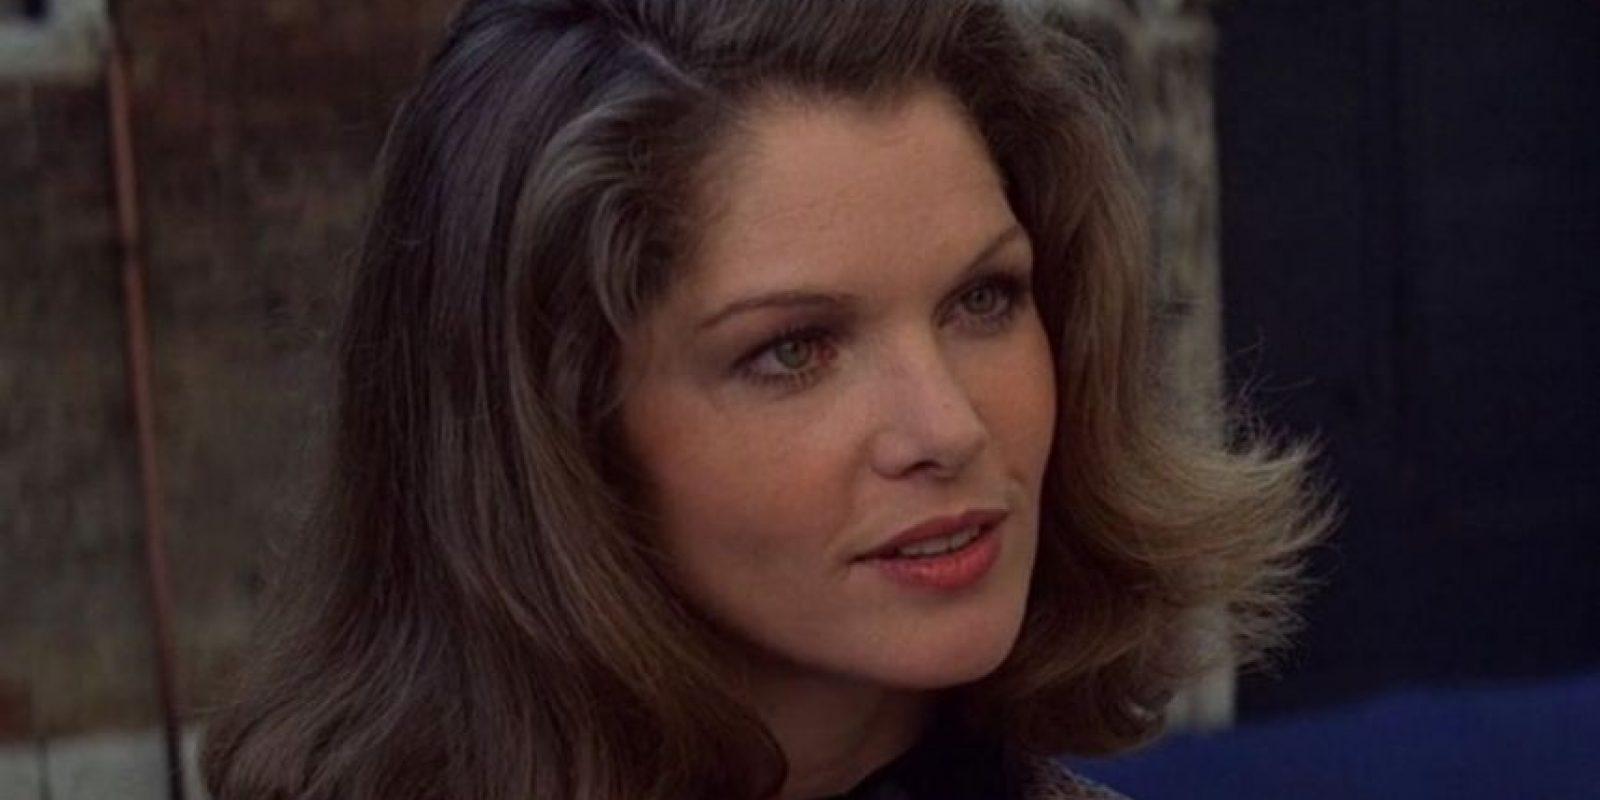 Lois Chiles, es la Dra. Holly Goodhead una científica de la NASA que trabaja para Industrias Drax pero también es agente de la CIA con la misma misión que Bond, mas adelante este se da cuenta y trabajan juntos para poder derrocar los planes de Drax.